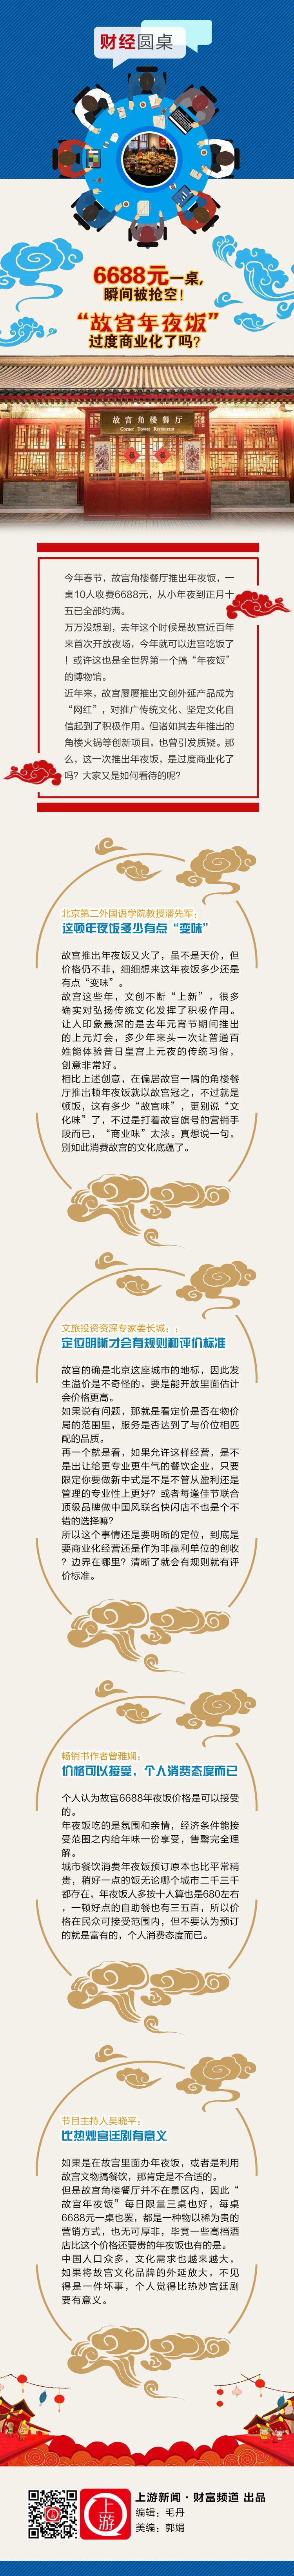 财经圆桌20200114(1).jpg